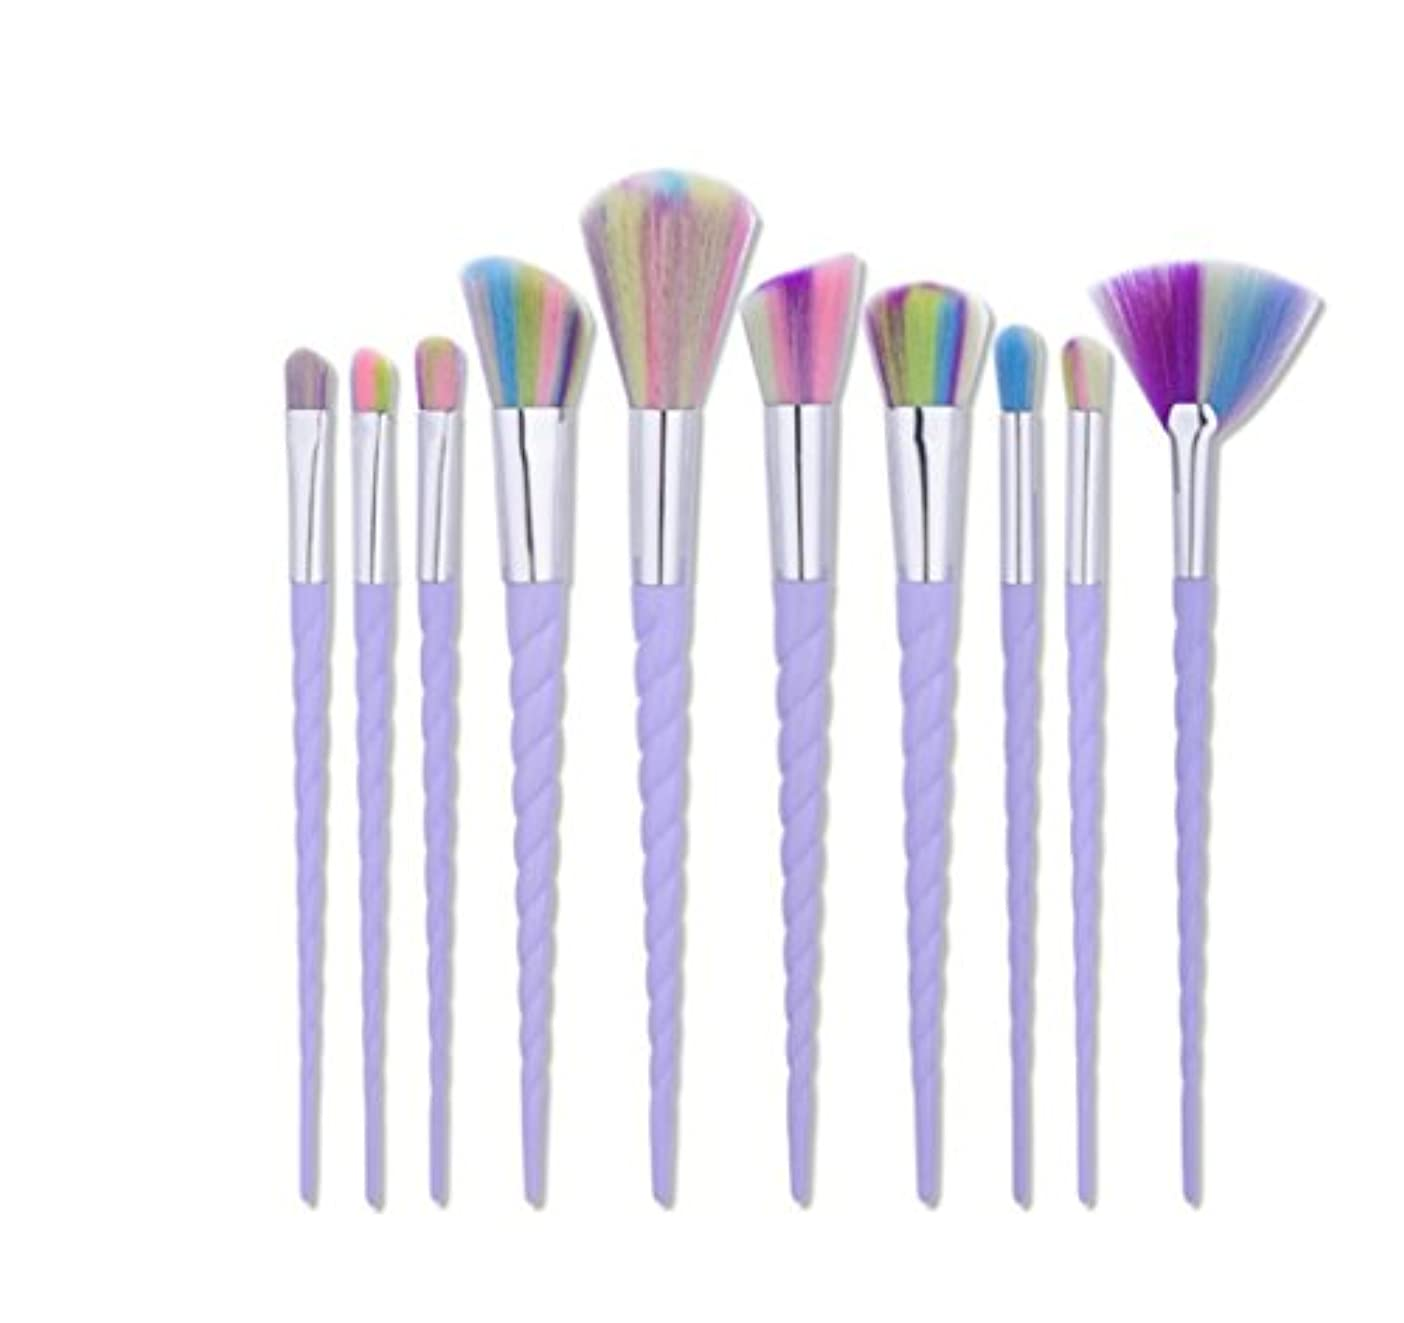 安心出席展開するDilla Beauty 10本セットユニコーンデザインプラスチックハンドル形状メイクブラシセット合成毛ファンデーションブラシアイシャドーブラッシャー美容ツール (ホワイト-4)